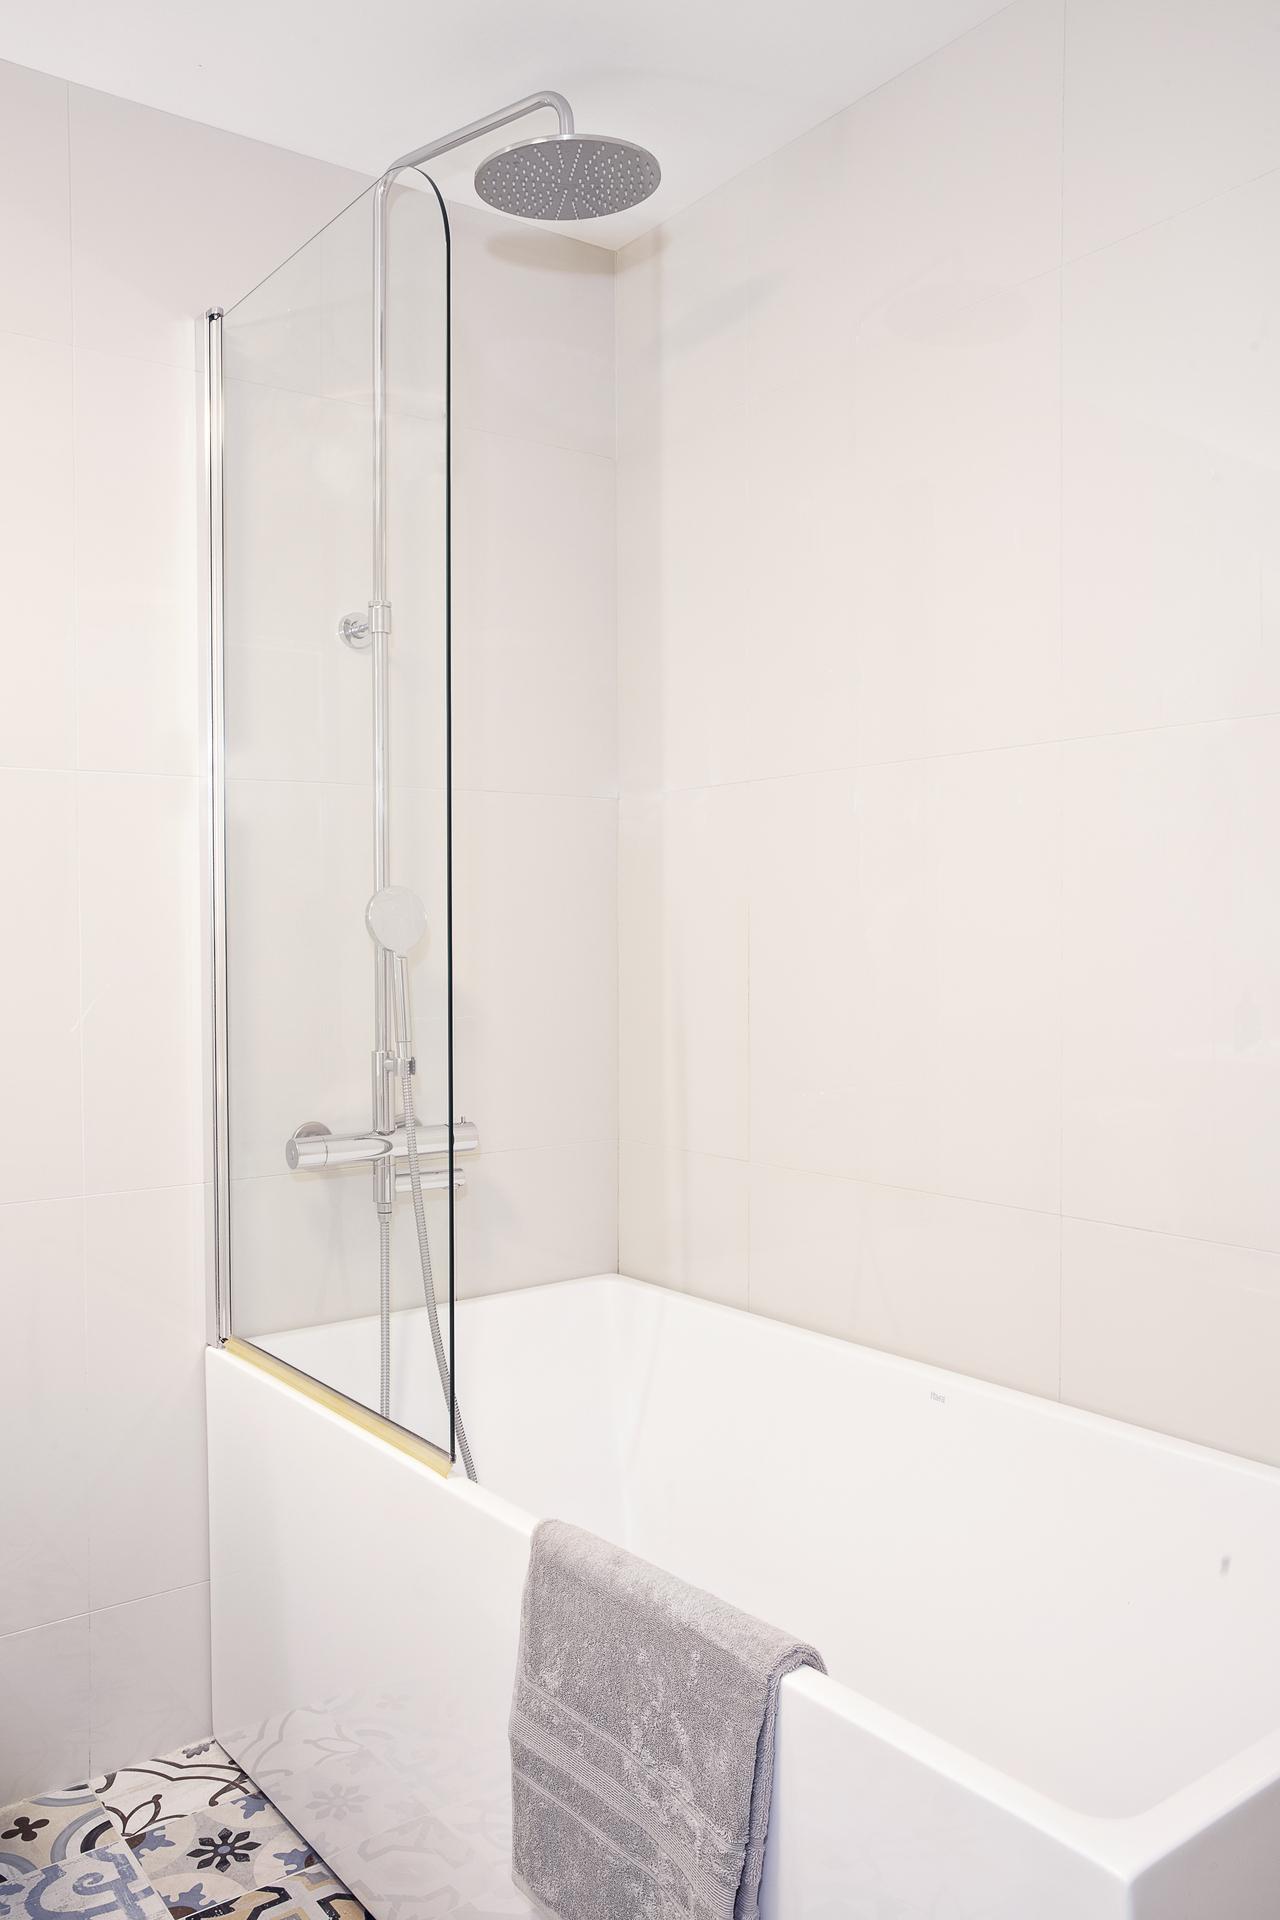 Här finns ett badkar med duschvägg